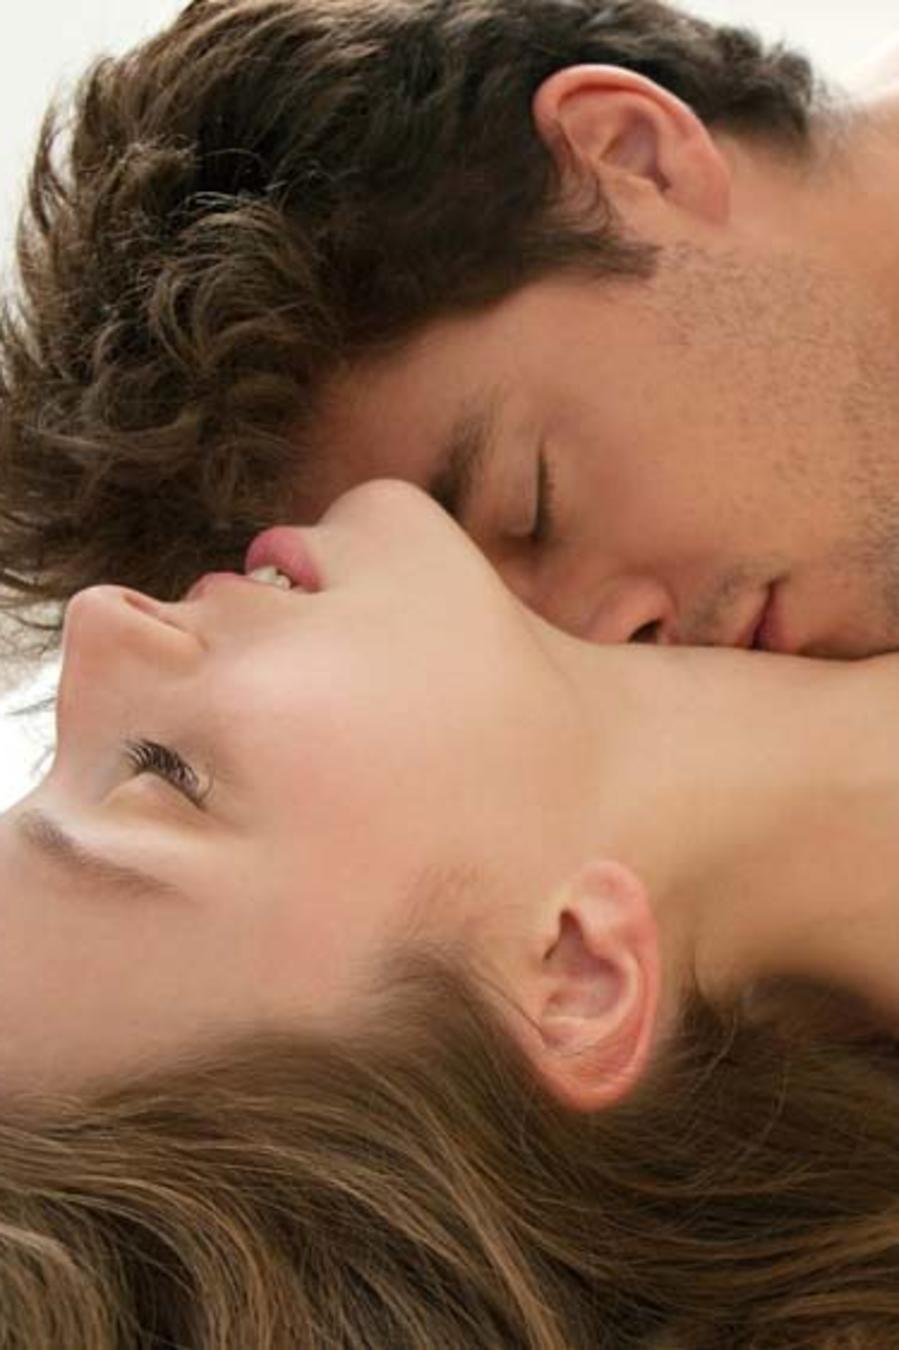 Hombre desnudo y mujer con sostén negro besándose en la cama